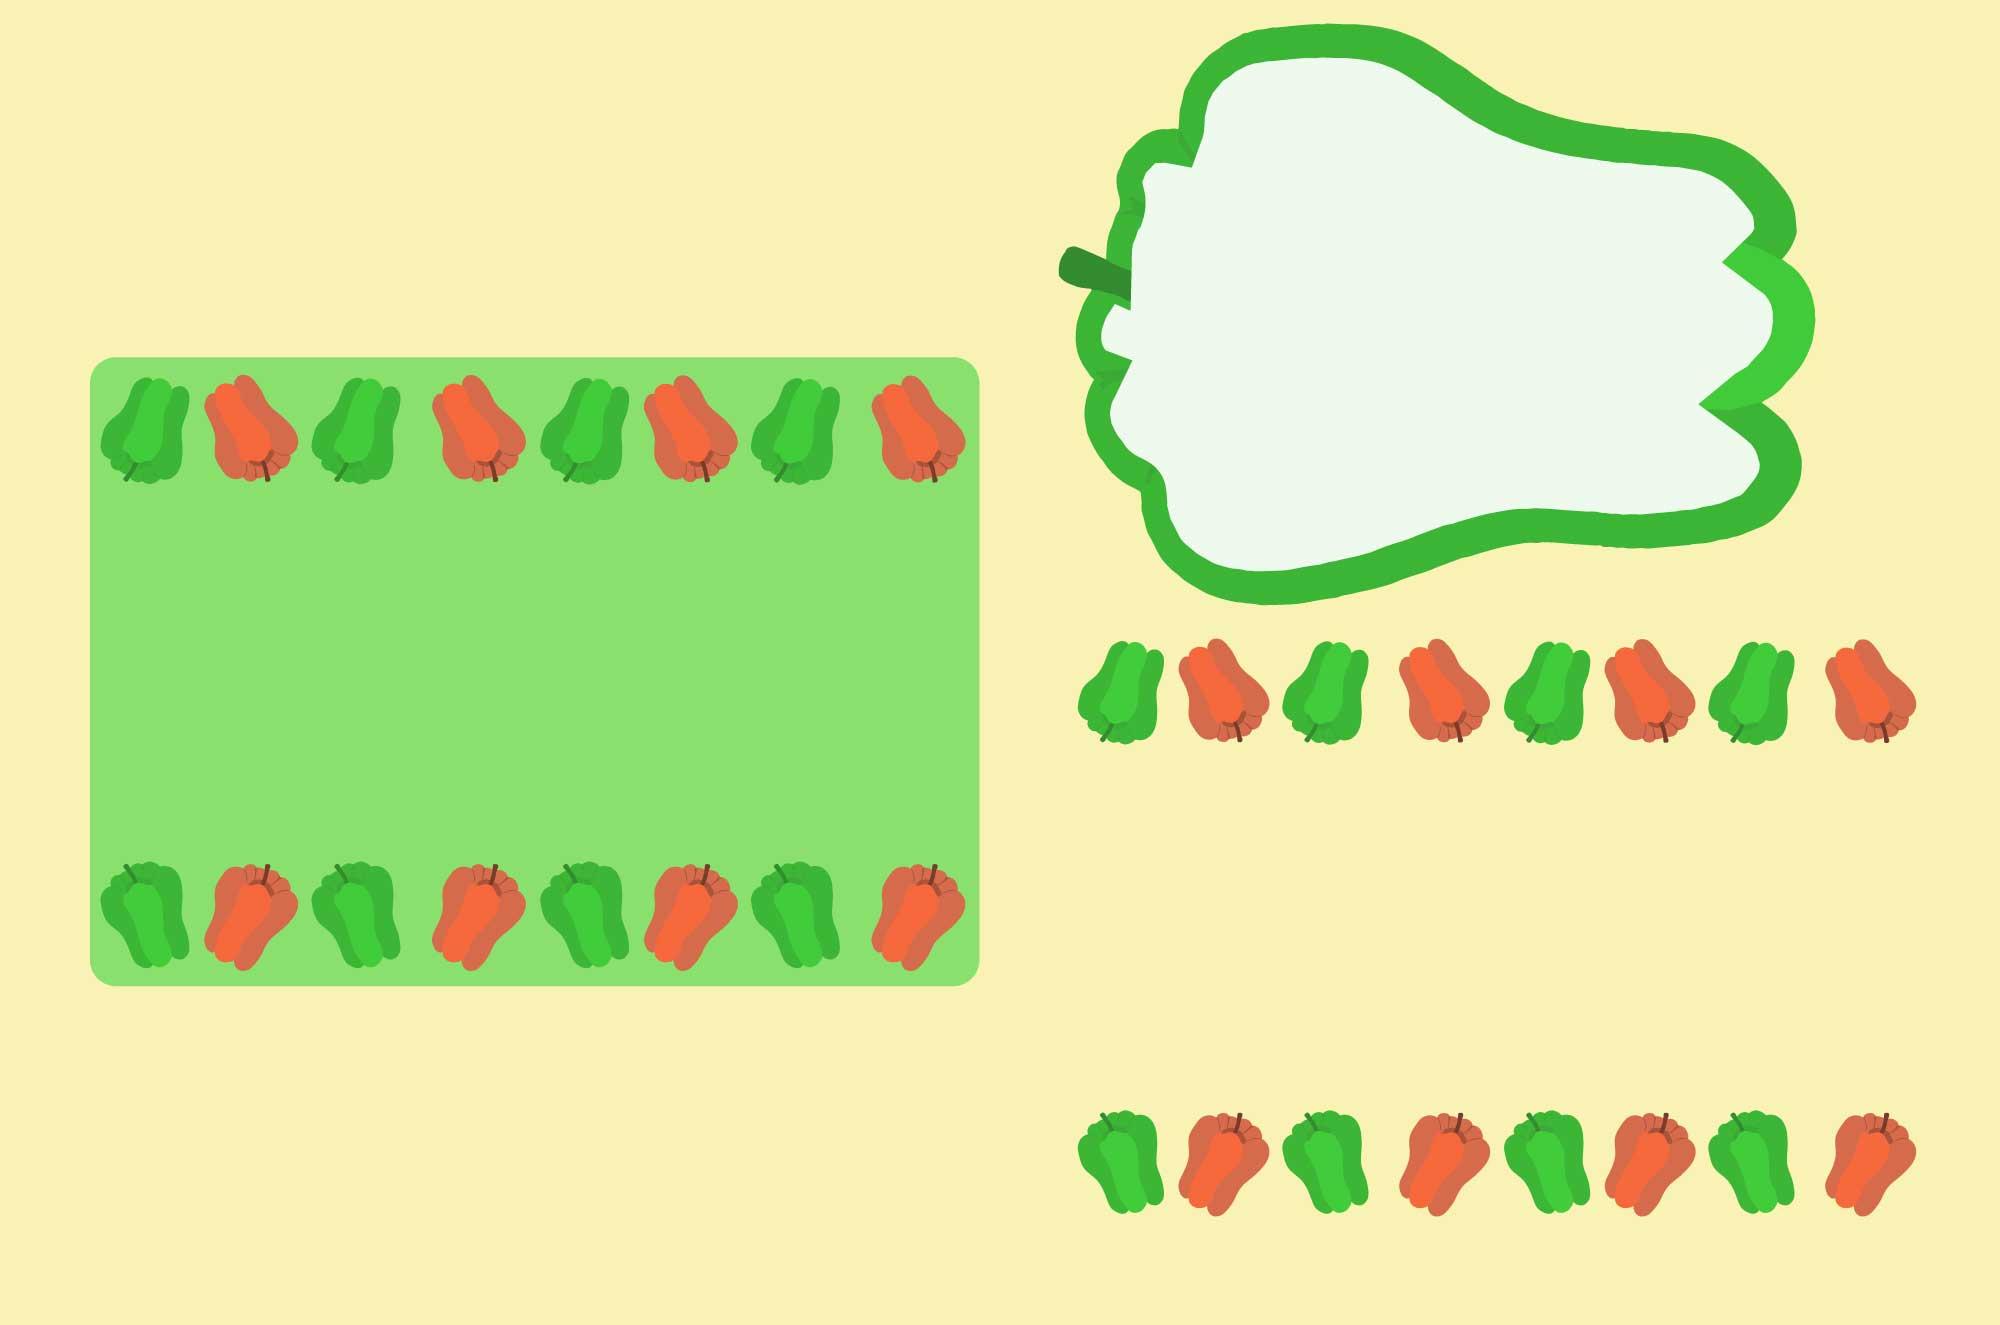 可愛いピーマンのイラストフレーム無料素材 - 野菜の枠